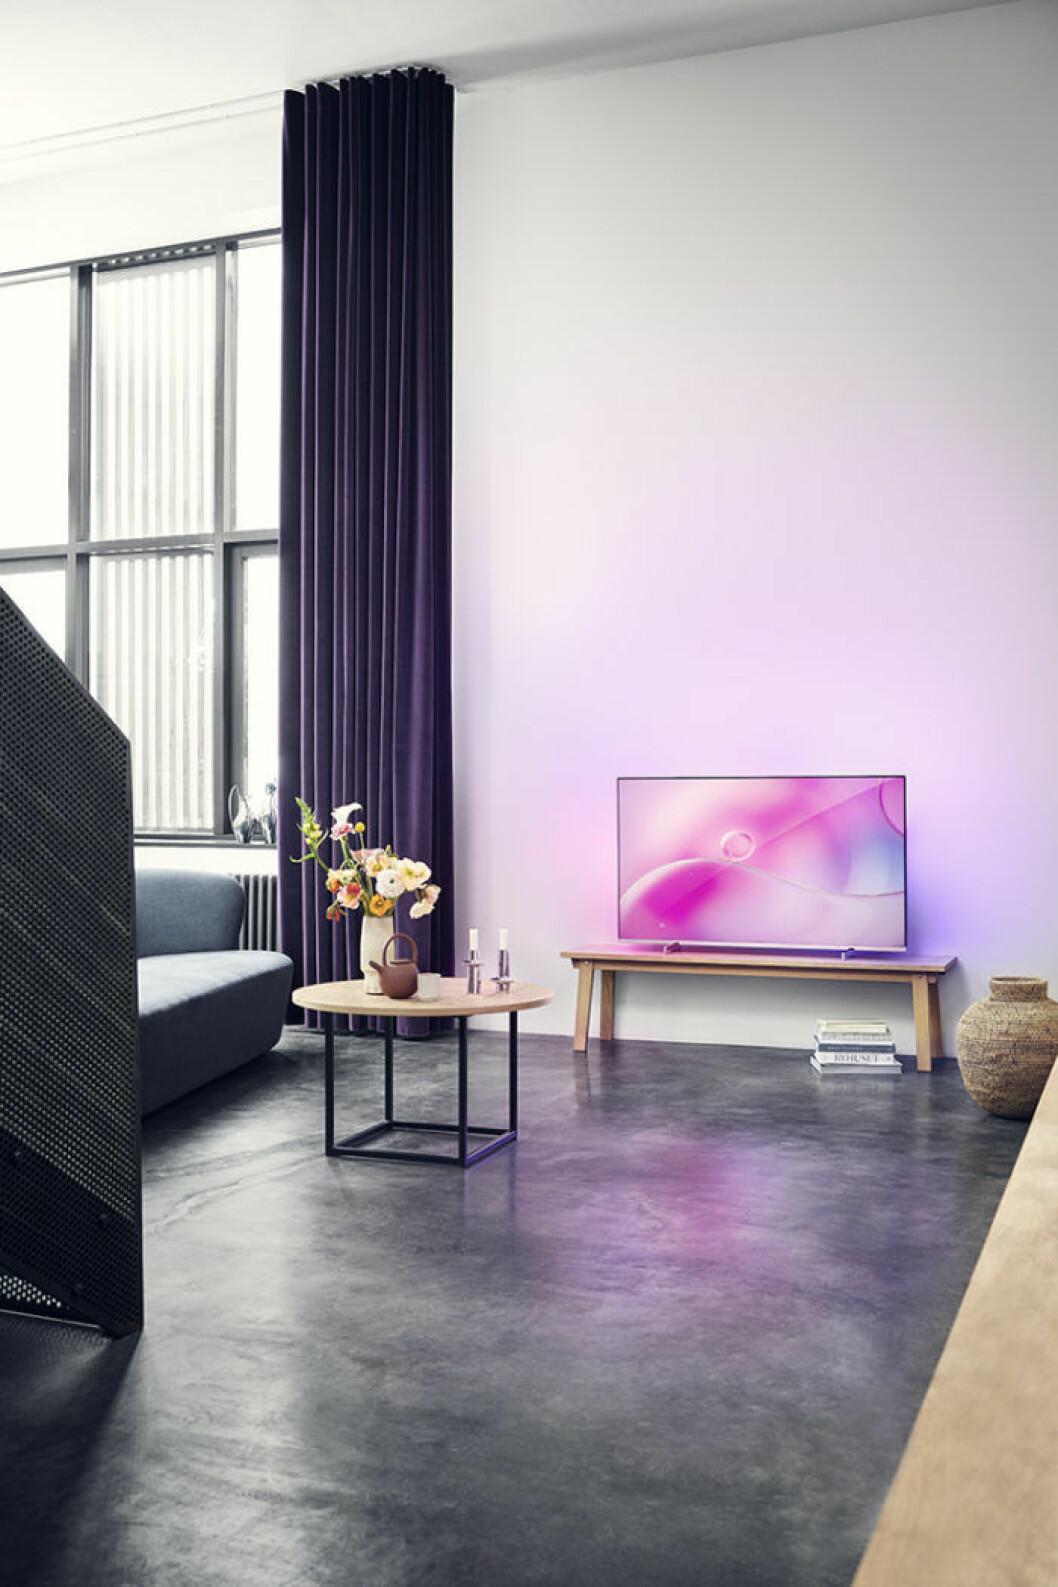 Tv från samarbetet Philips x Georg Jensen.